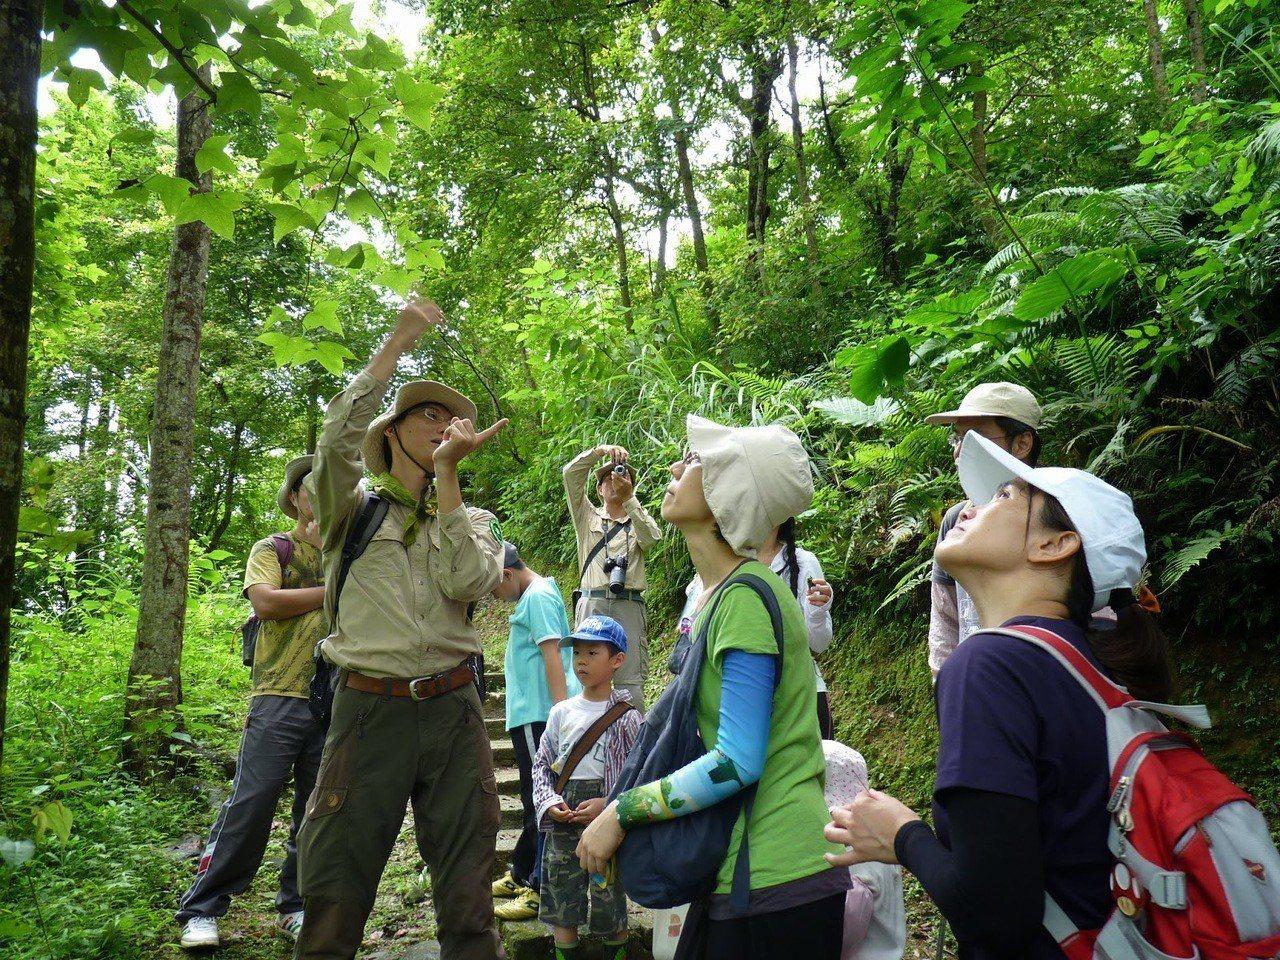 荒野保護協會花蓮分會帶領大家探索生態之美。 圖/荒野保護協會提供